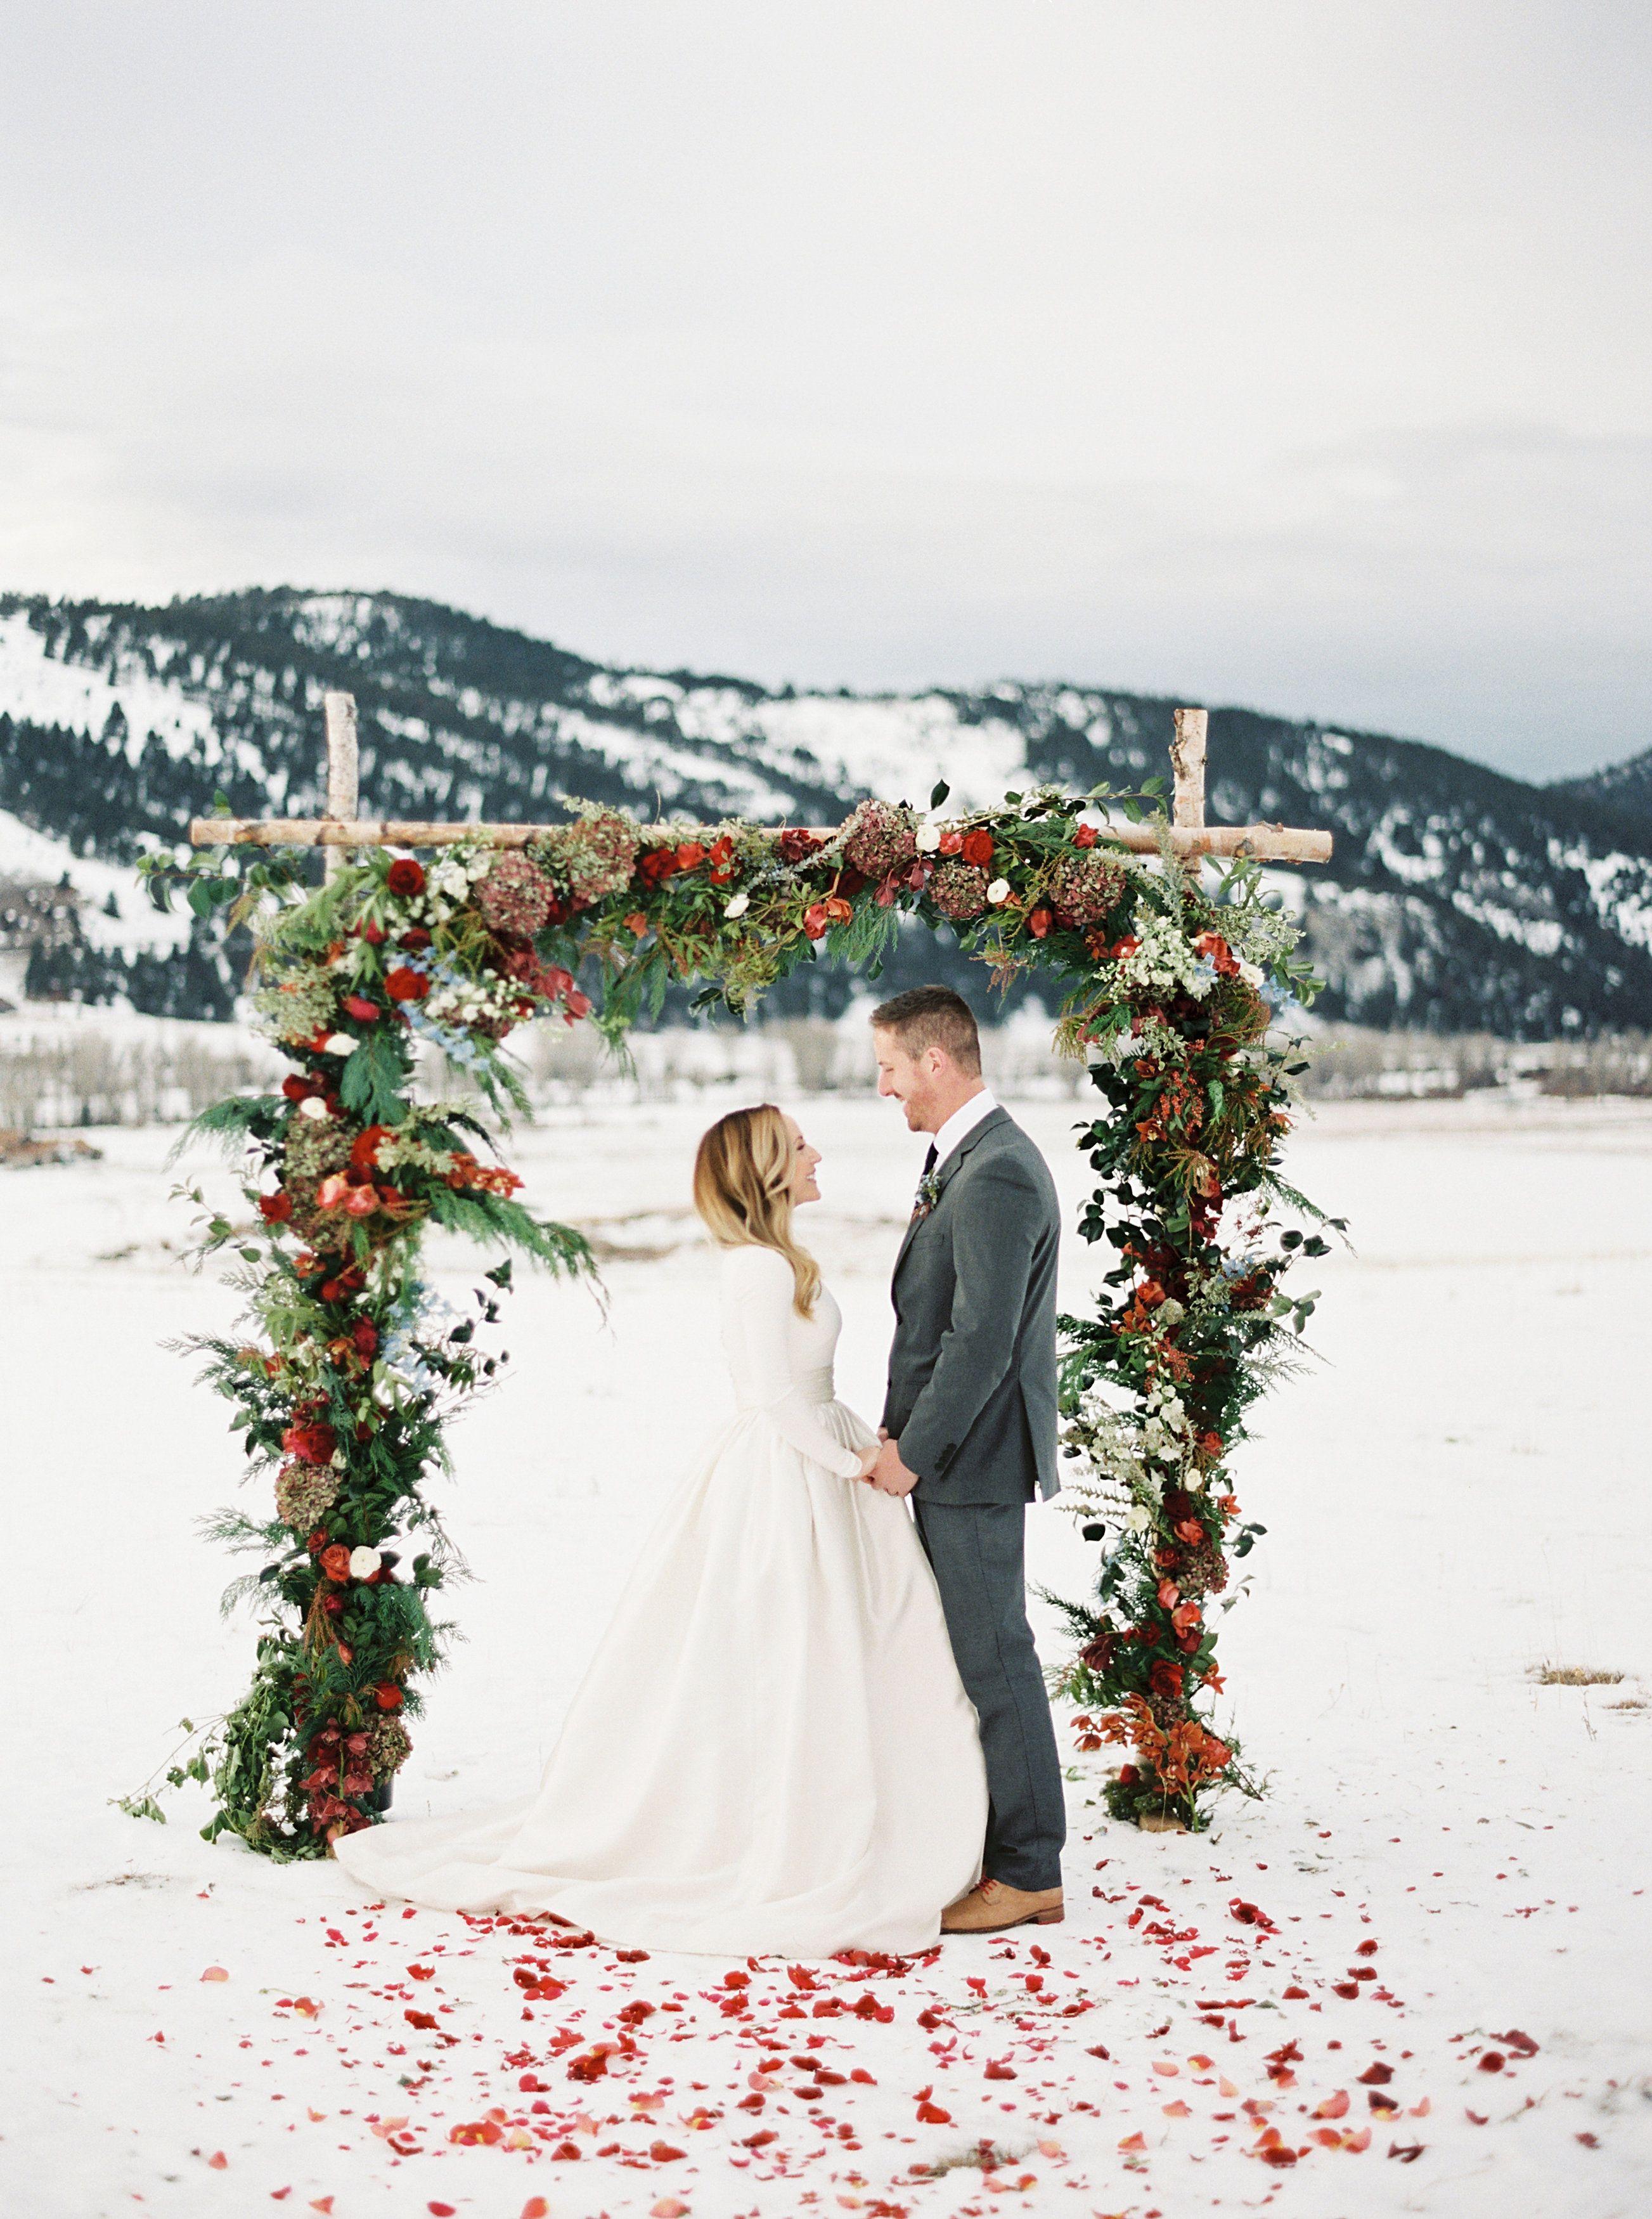 Wedding In A Winter Wonderland Winter Wedding Arch Winter Weddings Photography Winter Wedding Inspiration